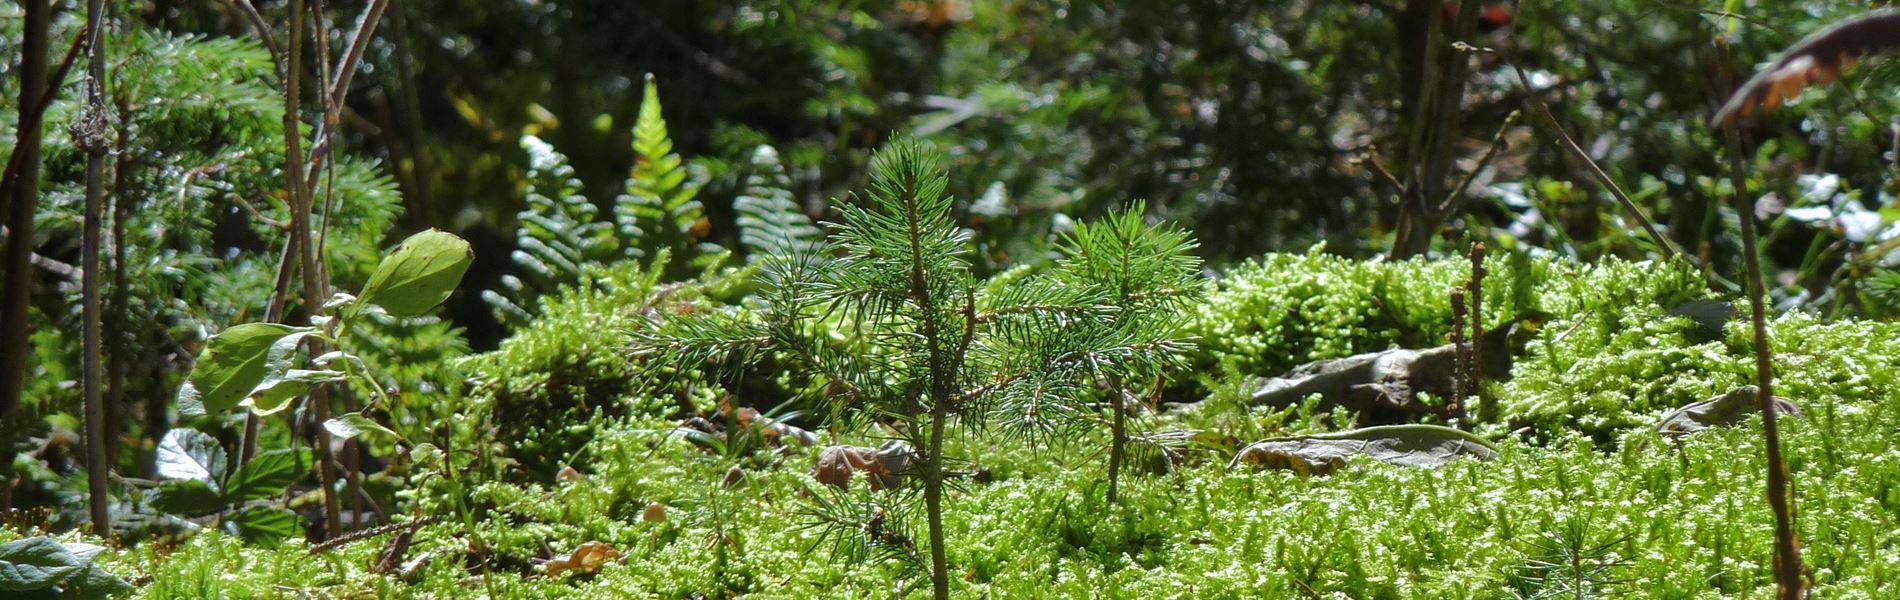 Wald und Natur Lippenhof